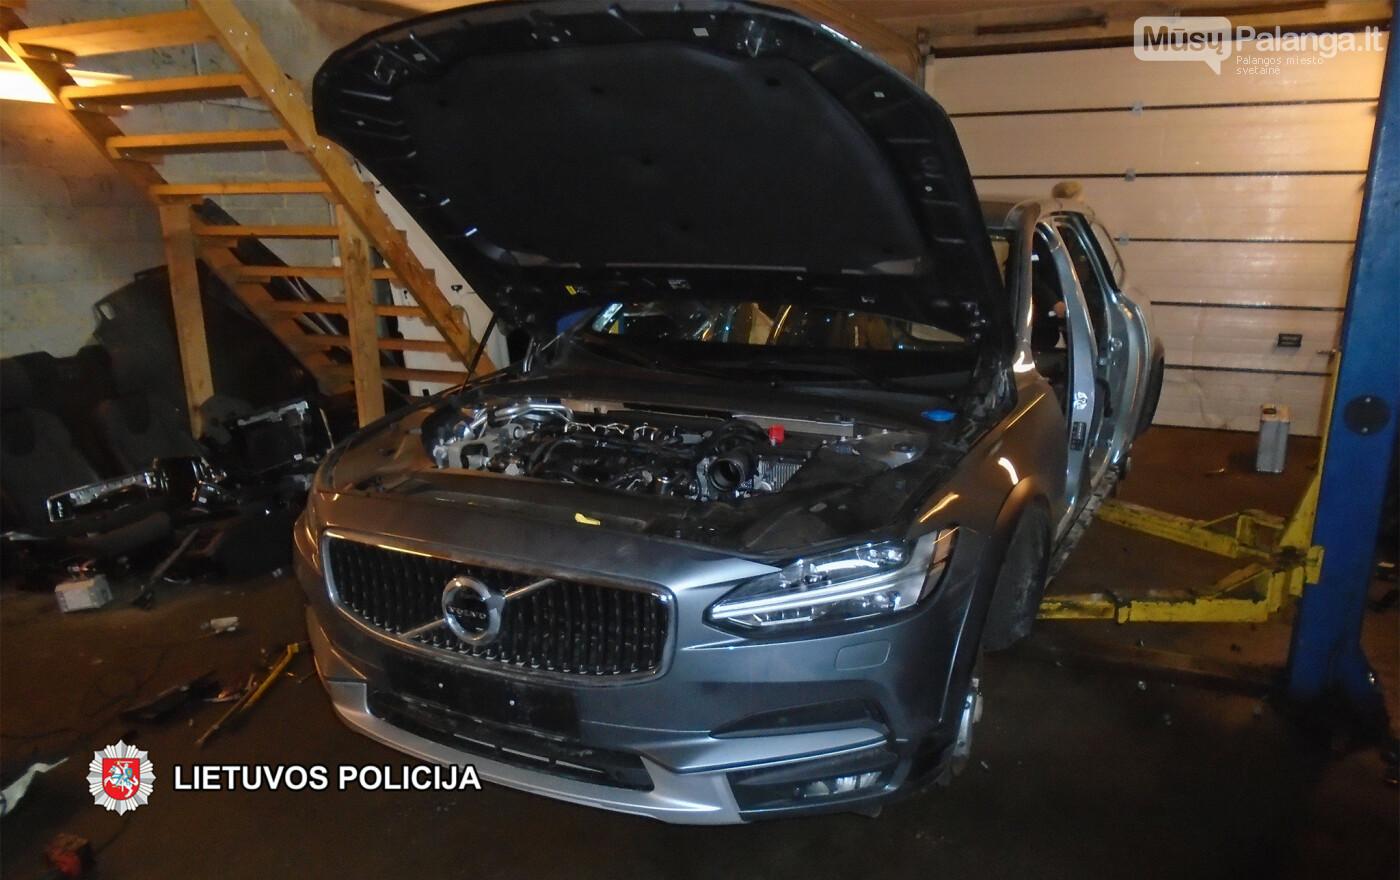 Klaipėdoje baigtas tyrimas dėl prabangaus automobilio Volvo vagystės, nuotrauka-5